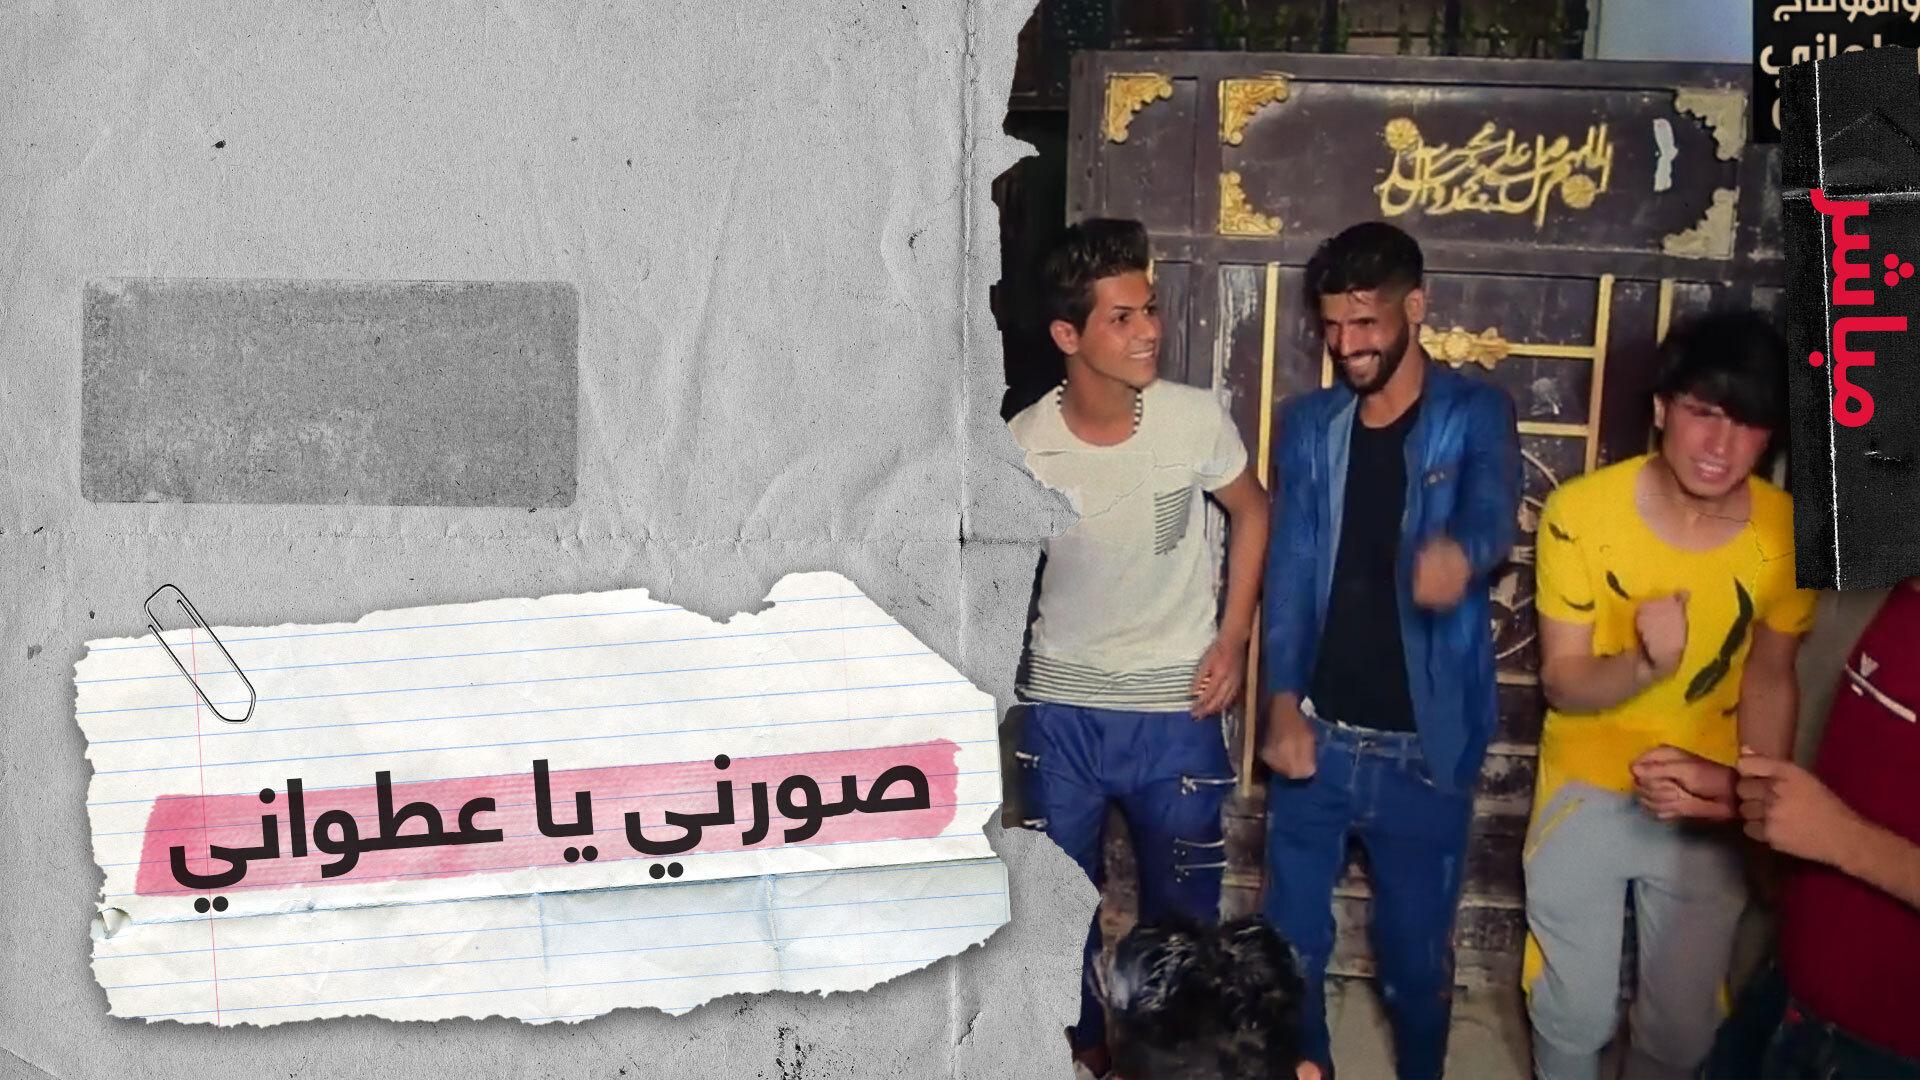 ظاهرة العطواني في العراق.. مراهقون يثيرون الجدل بمظهرهم